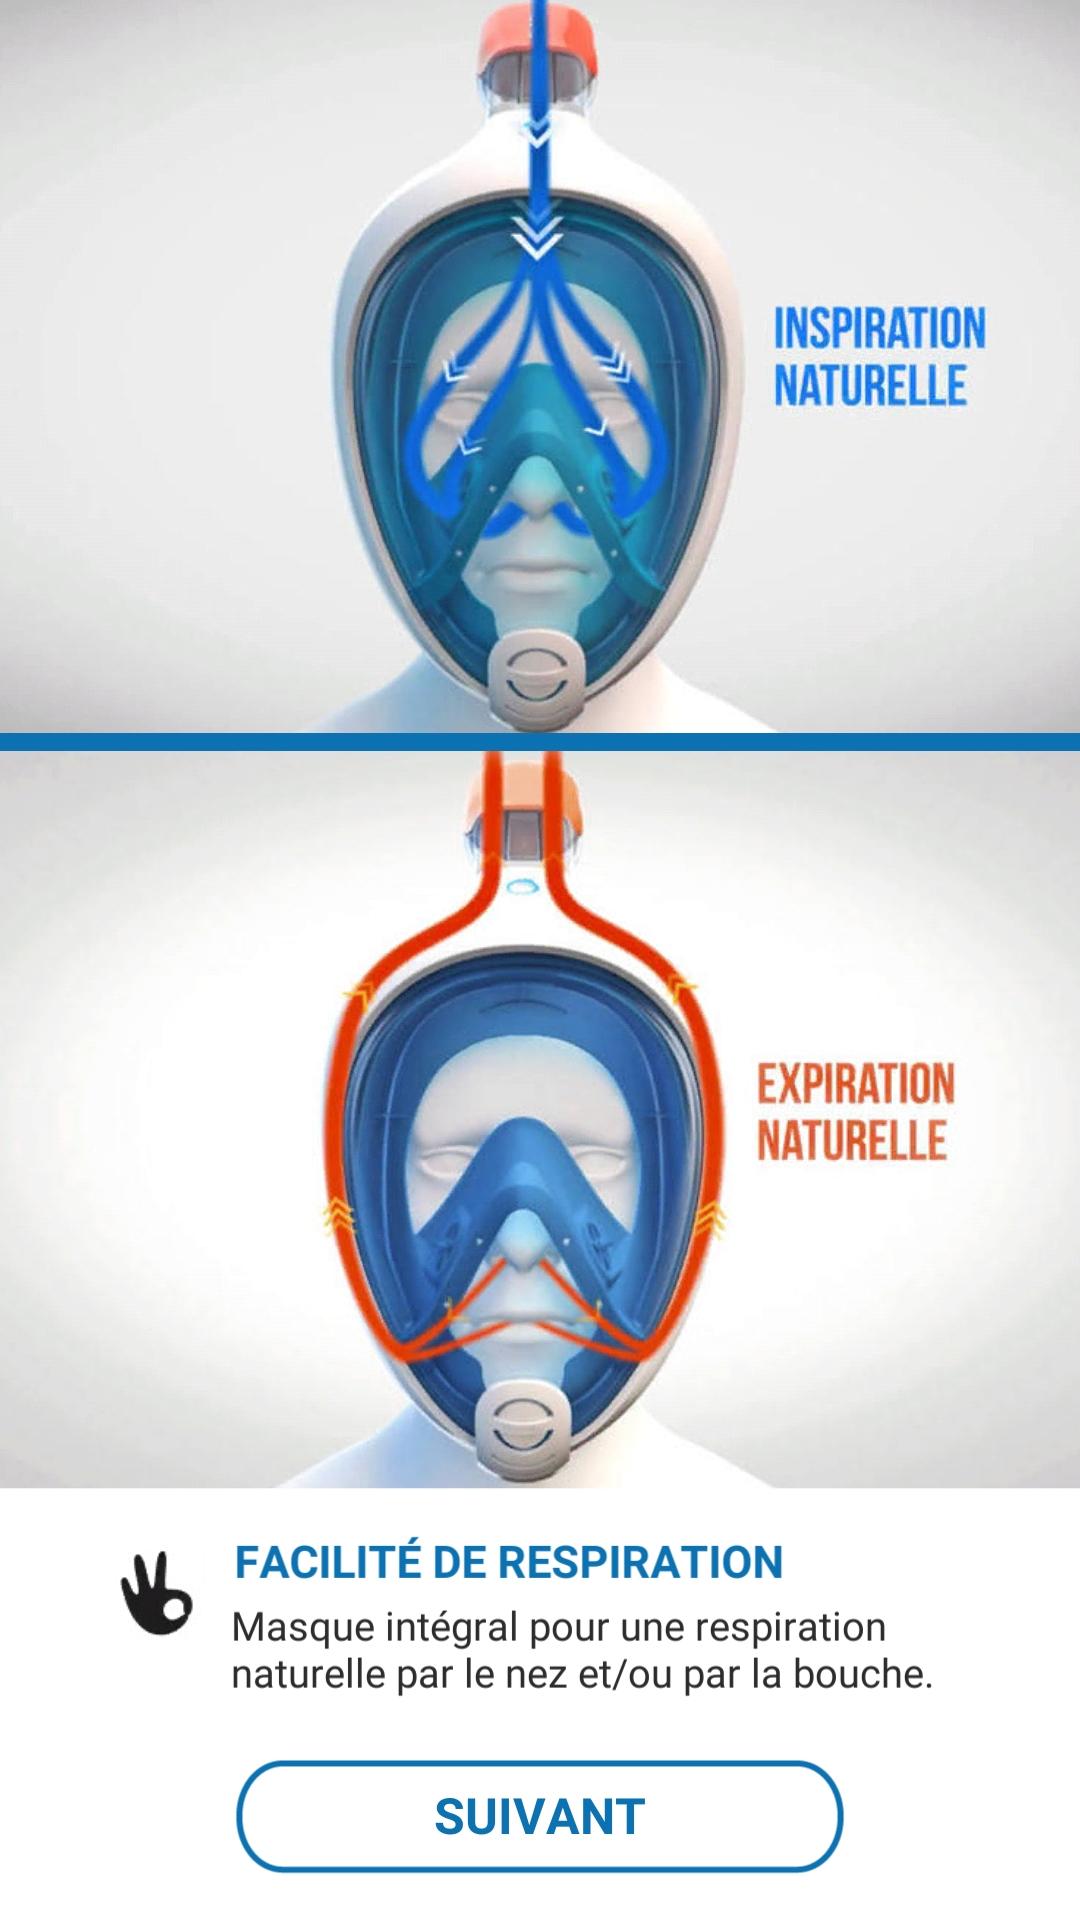 Facilité de respiration masque subea